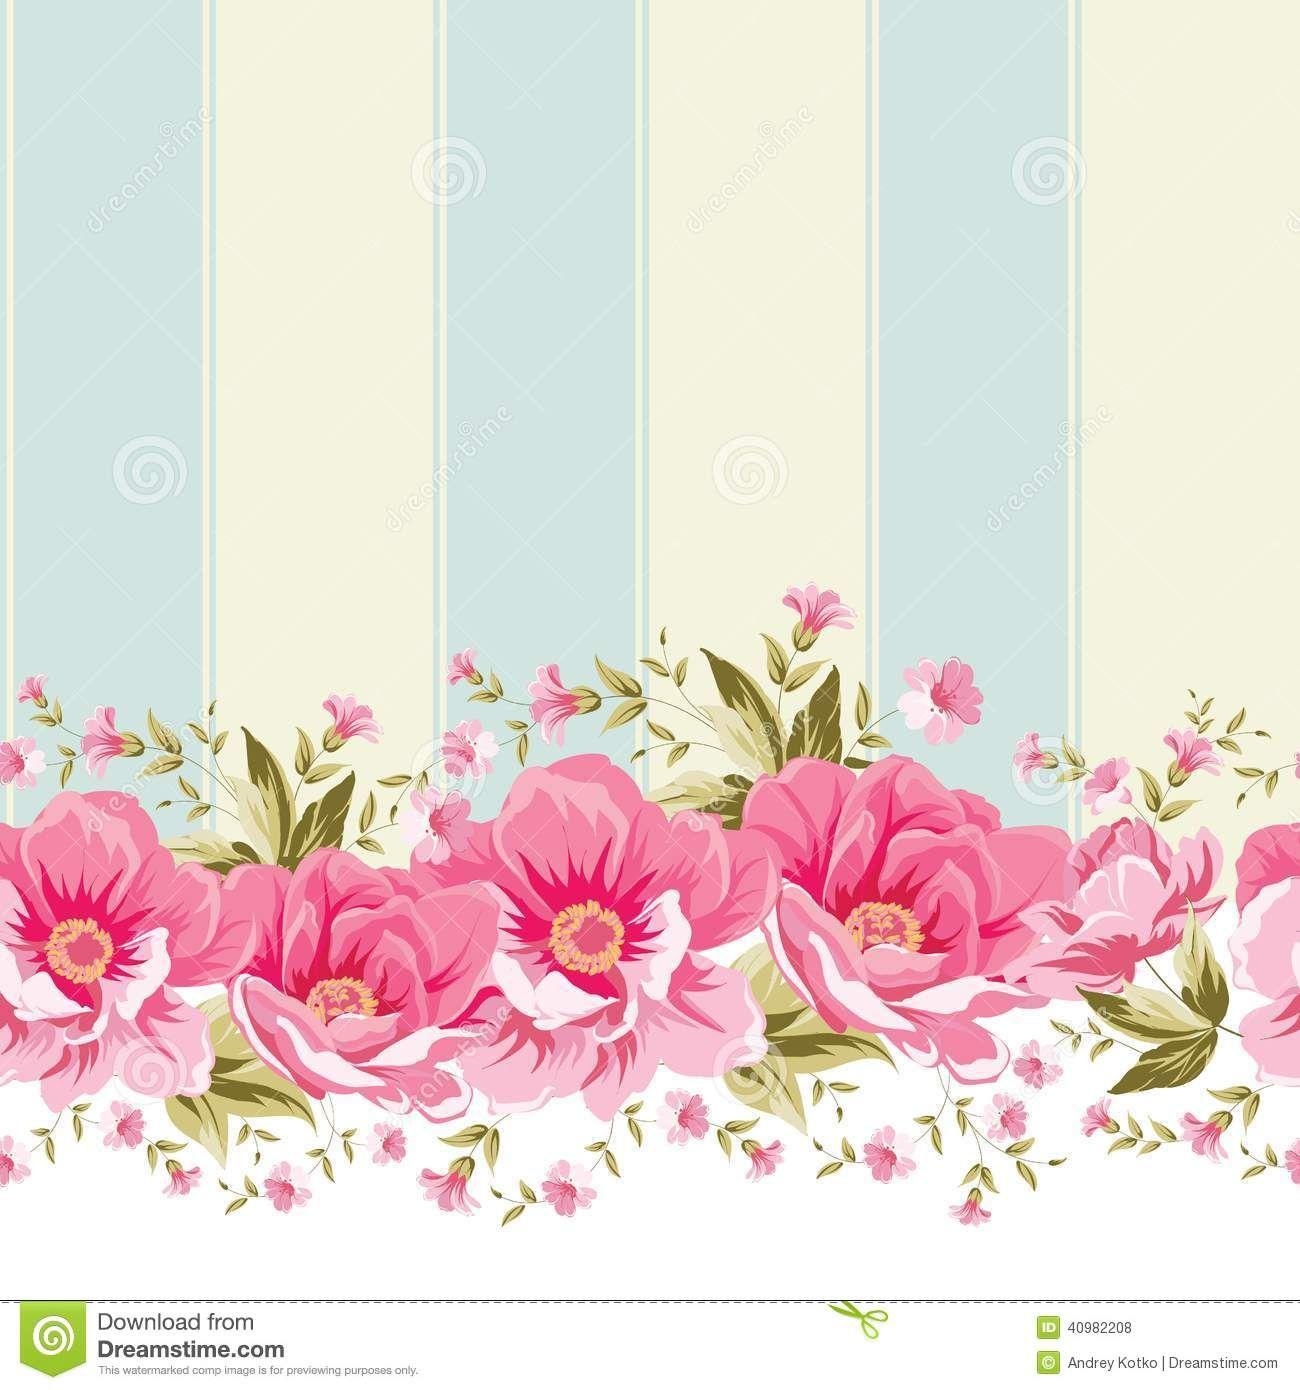 Vintage flower border Ornate pink flower border with